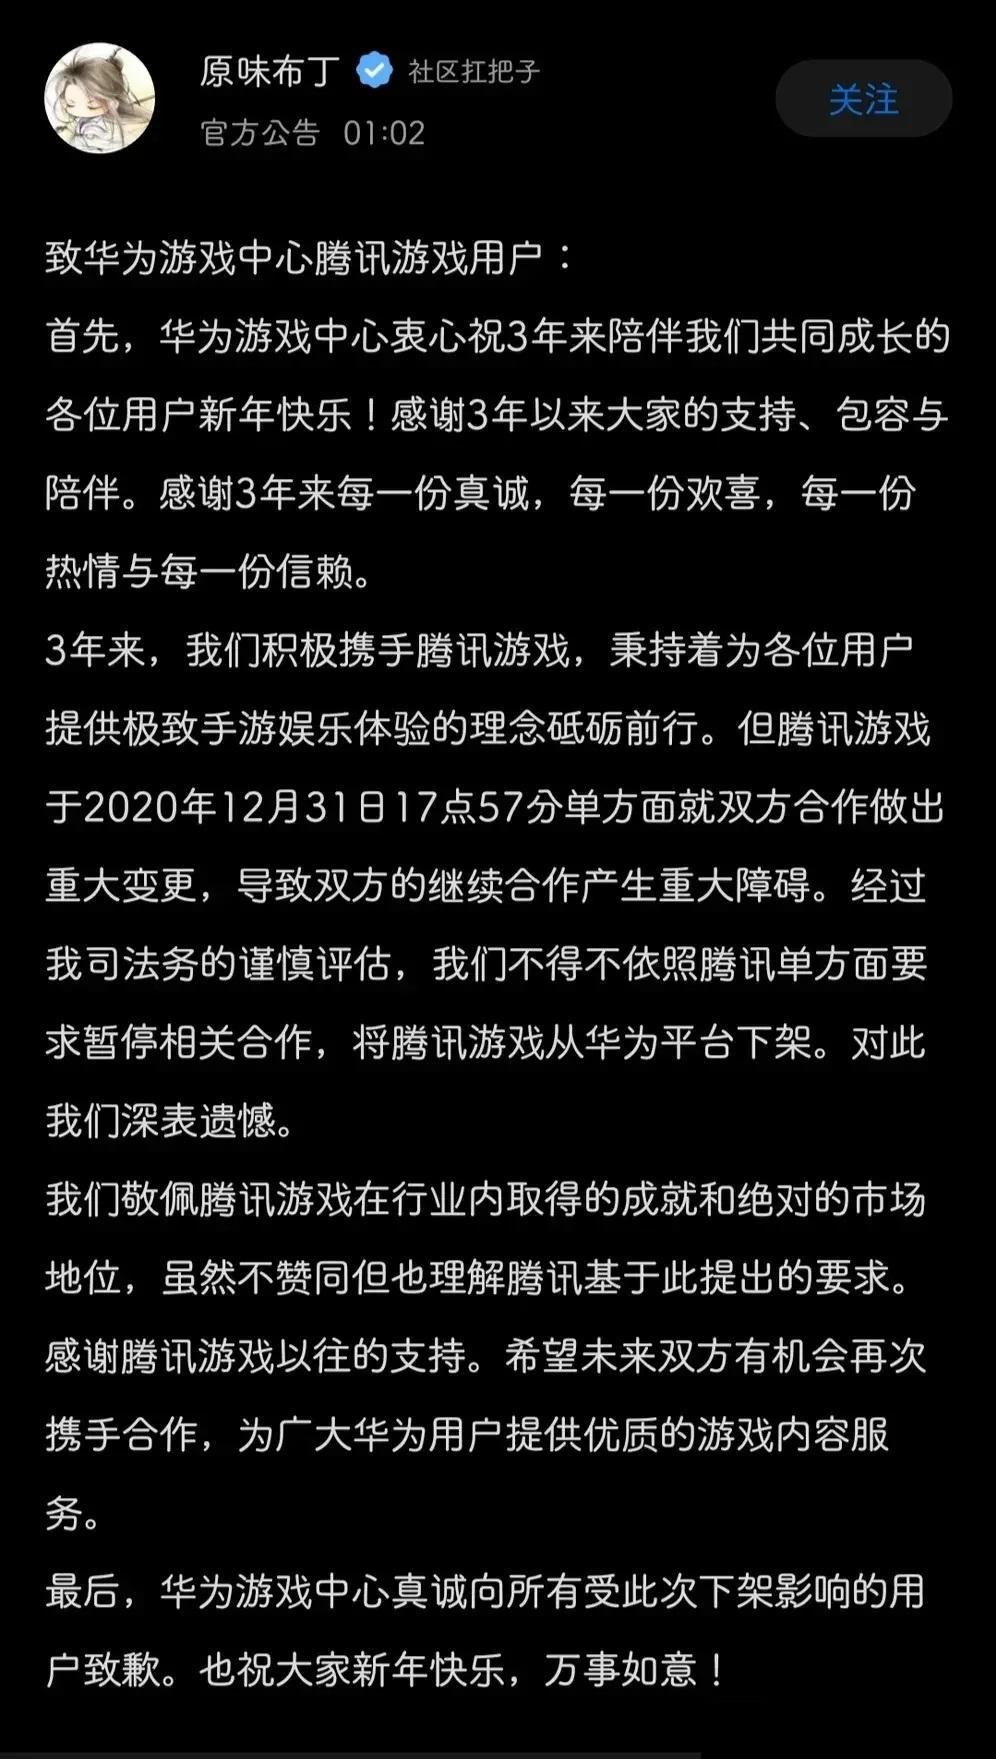 华为回应商城下架腾讯游戏:按照腾讯方面要求暂停合作